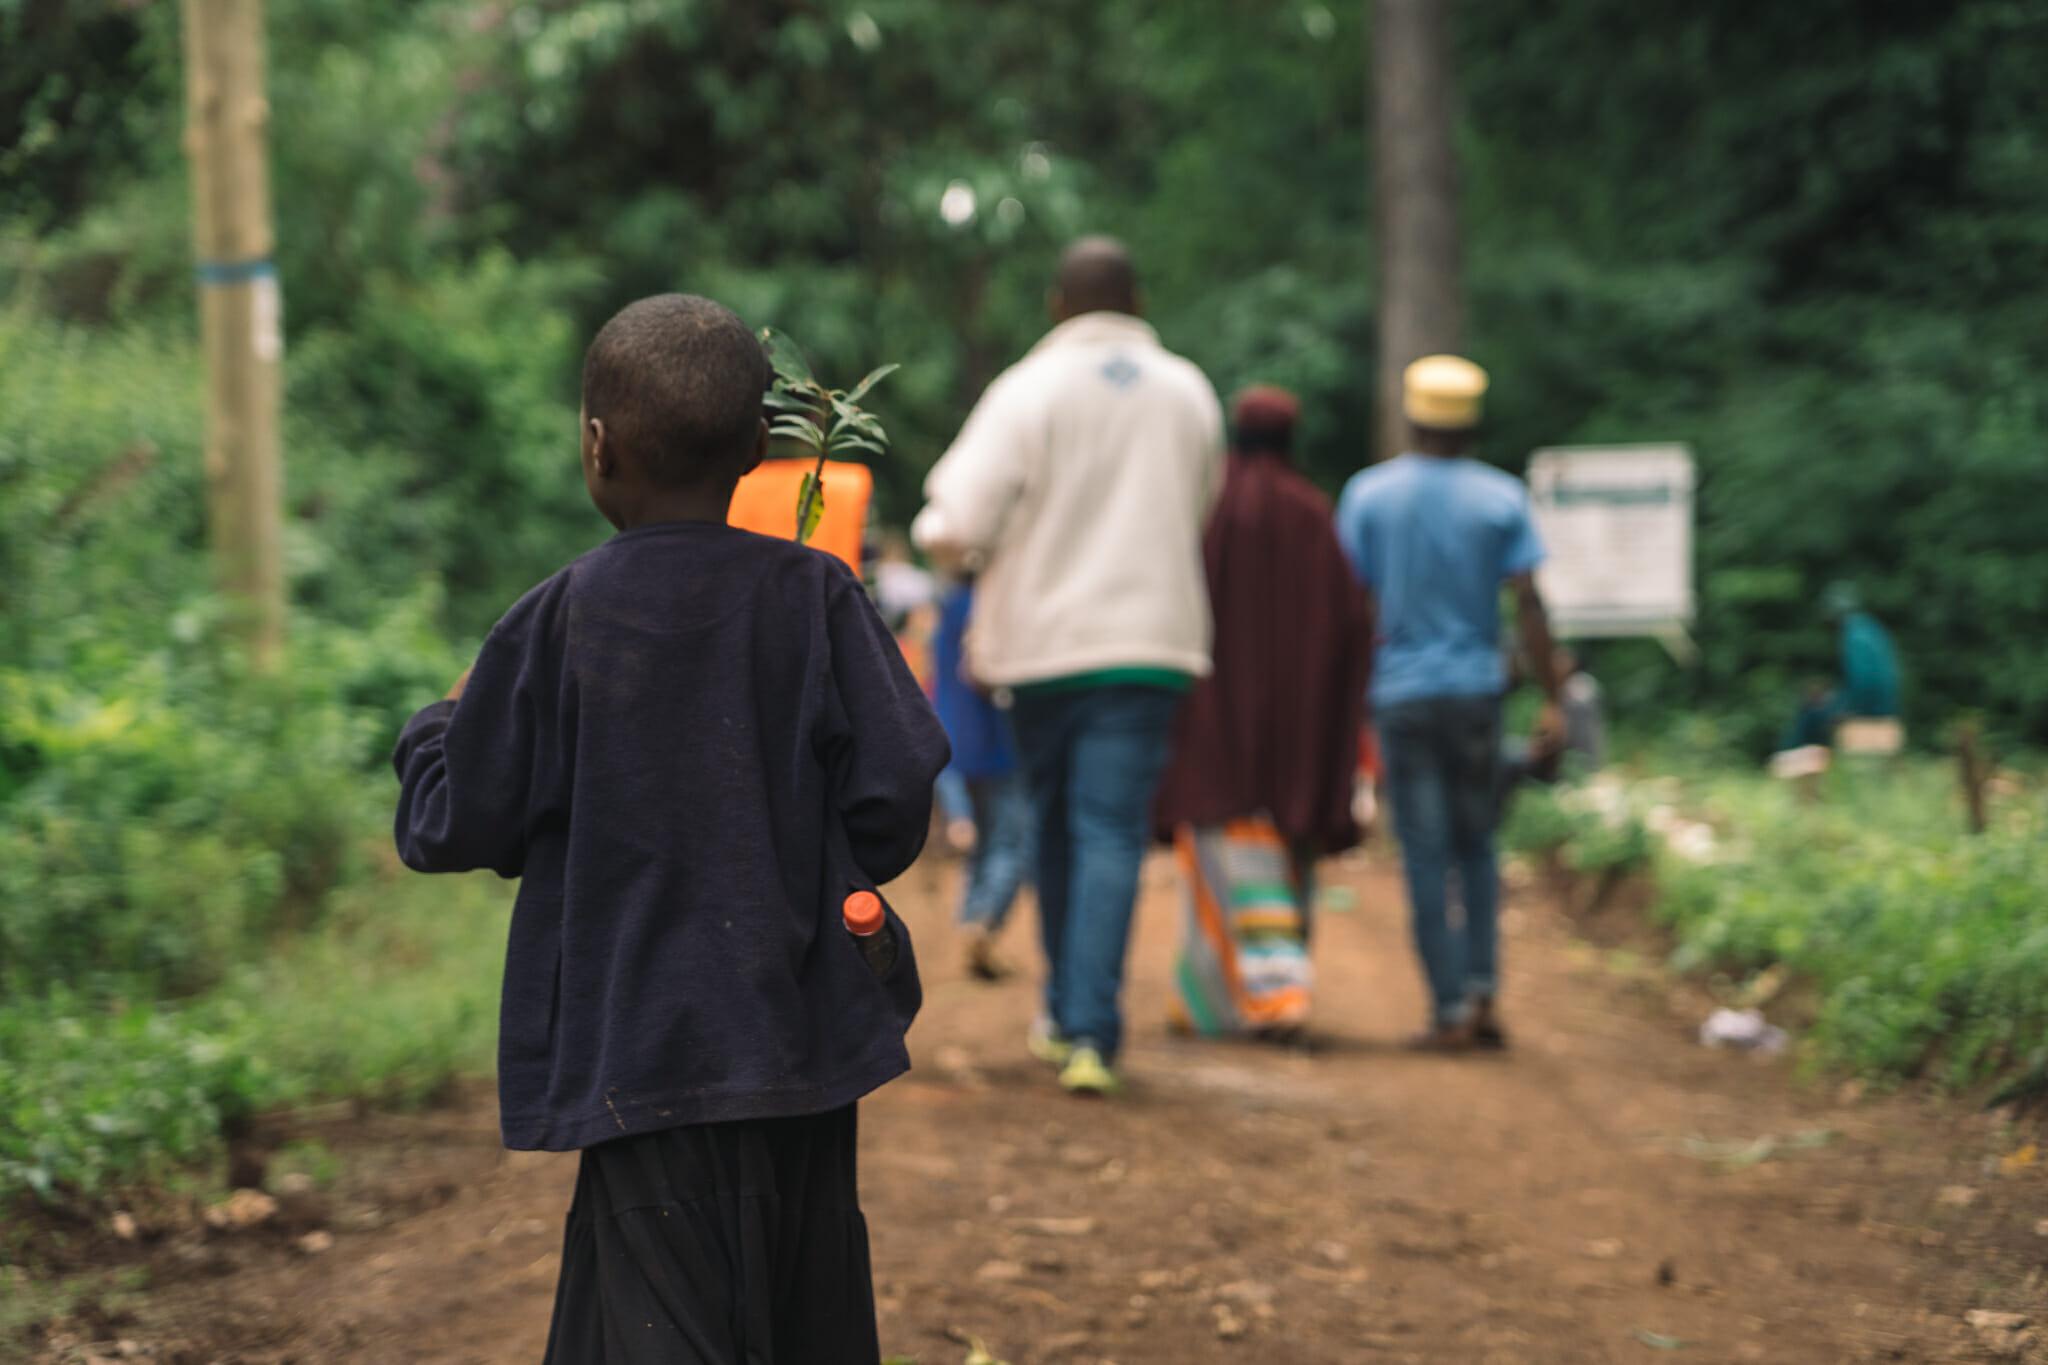 Pour chaque visite à Rau Forest, un arbre est planté par les écoliers du village